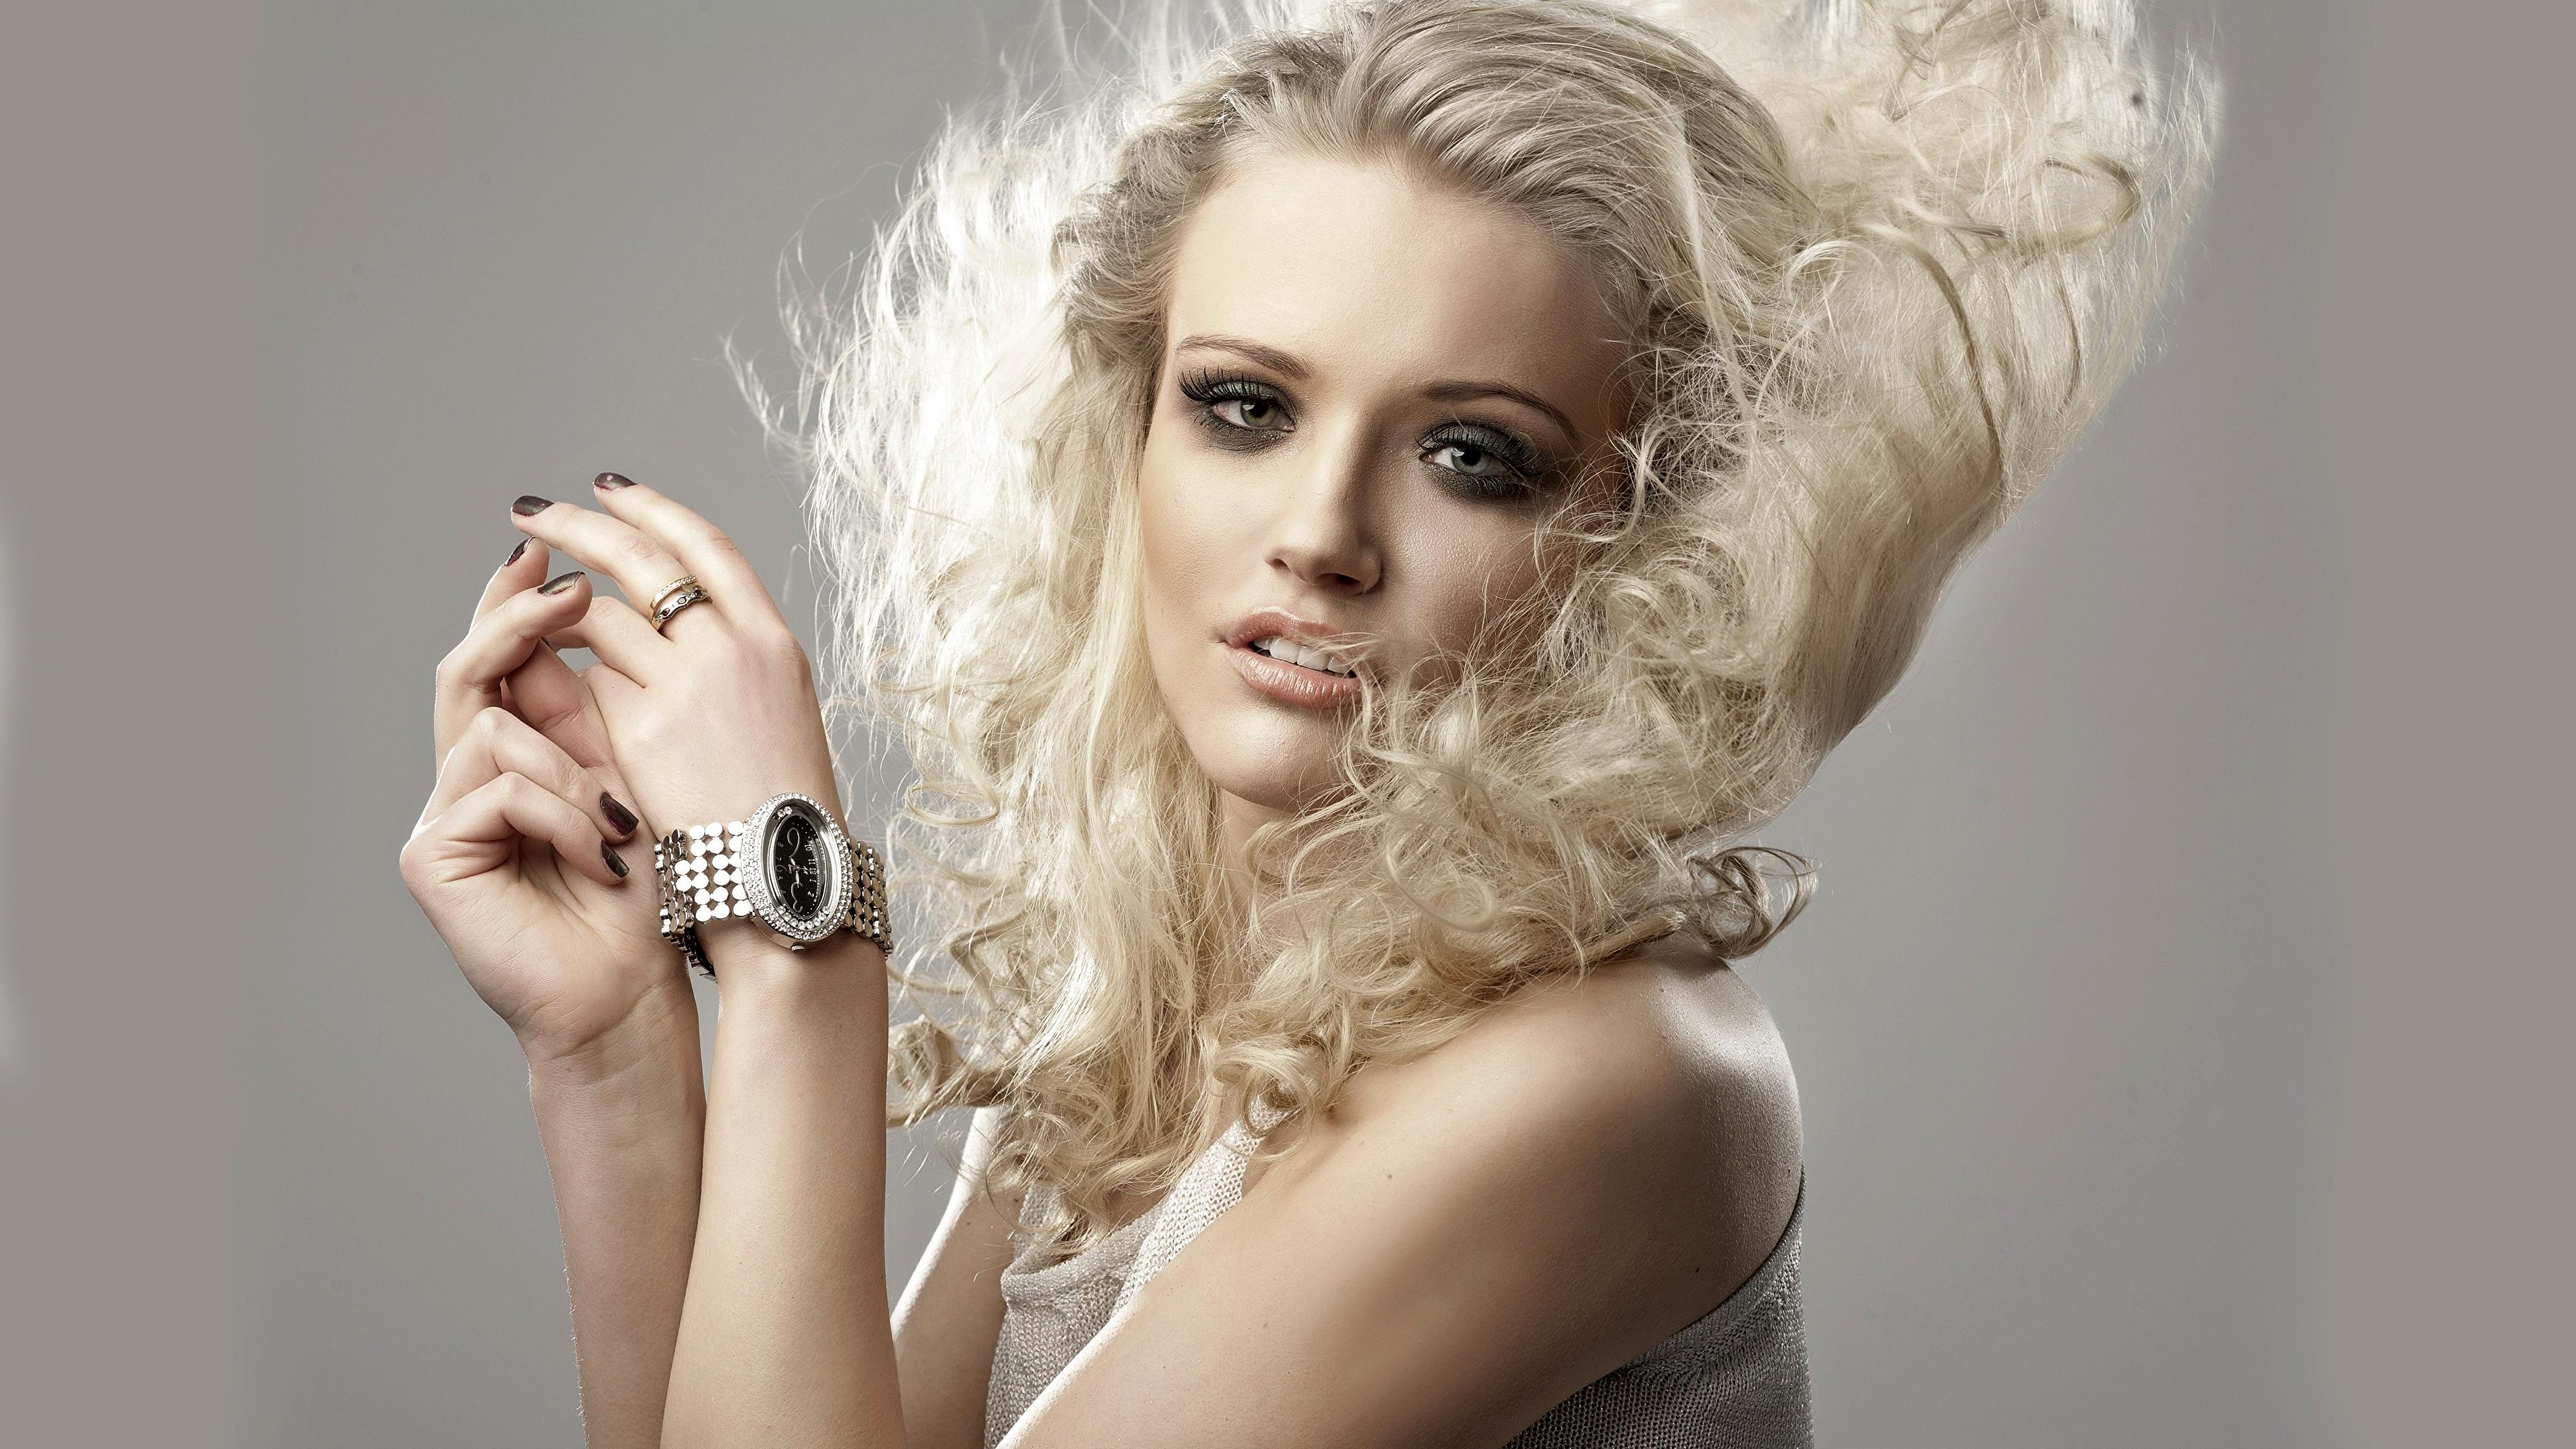 Фотография Блондинка Наручные часы Волосы молодая женщина Руки Взгляд Серый фон 3840x2160 блондинки блондинок волос девушка Девушки молодые женщины рука смотрят смотрит сером фоне